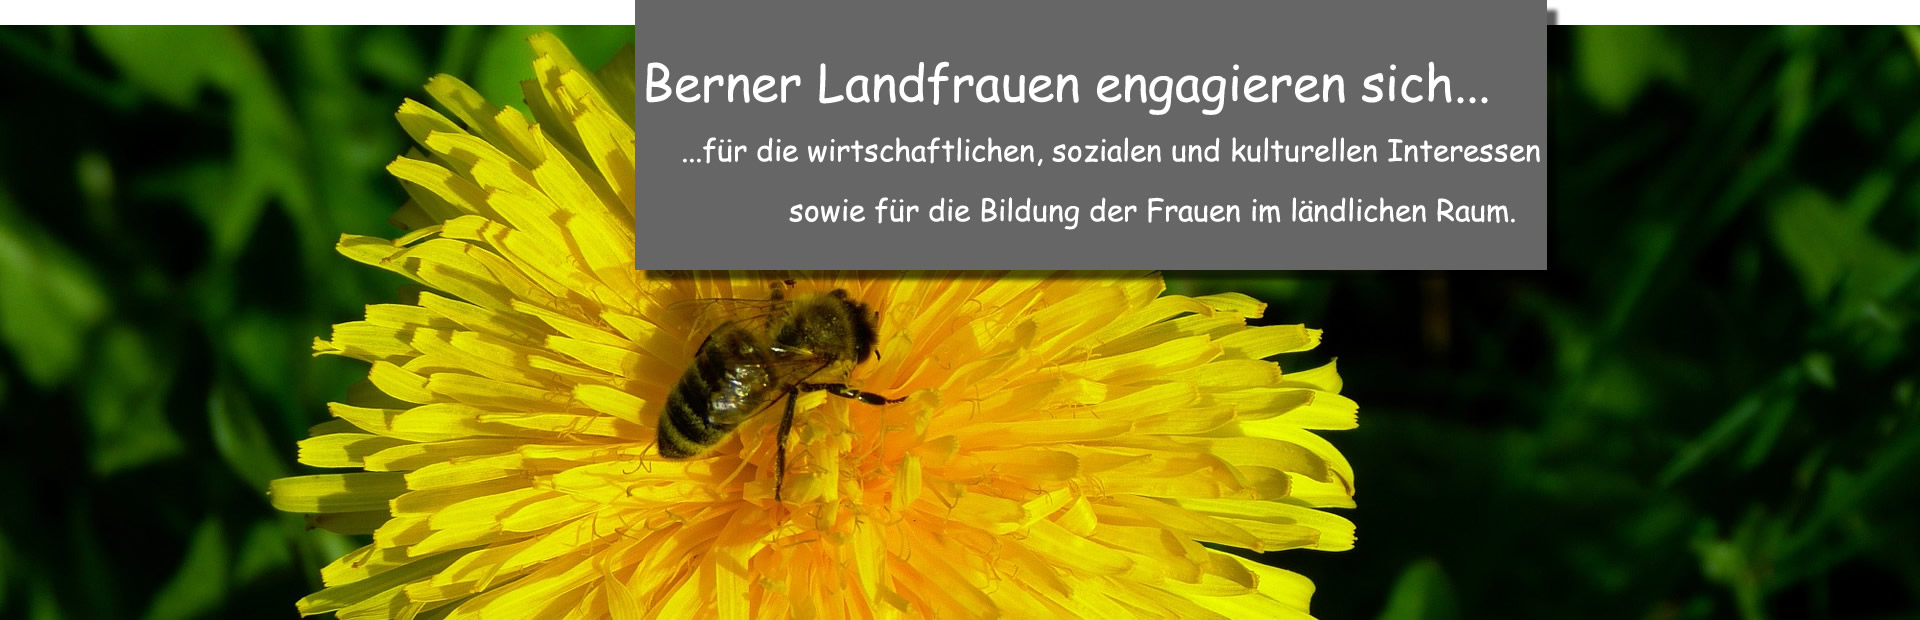 Loewenzahn_engag